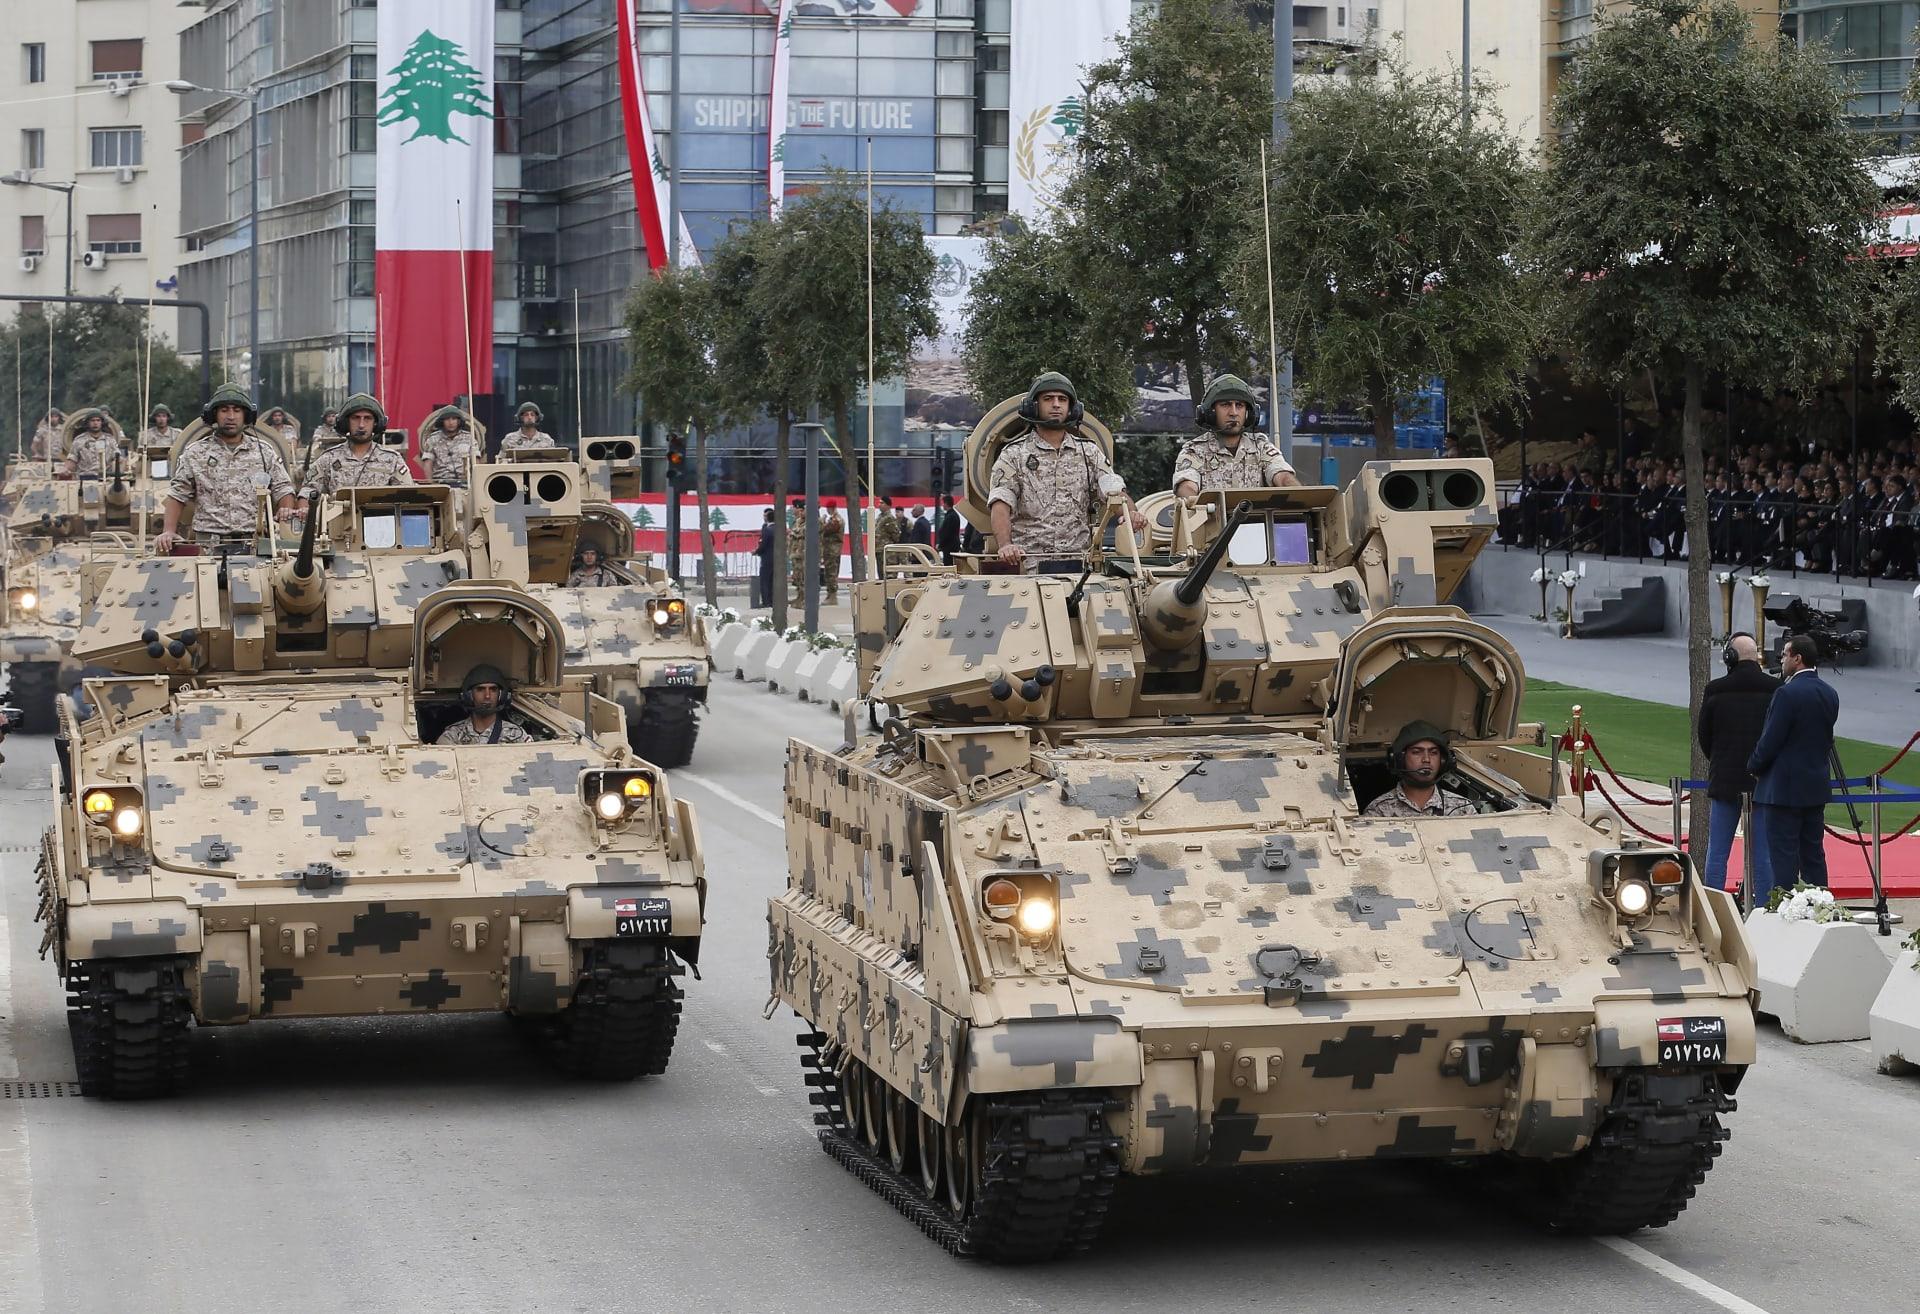 """أمريكا تقدم طائرات للجيش اللبناني لدعم """"أمن الحدود ومحاربة الإرهاب"""""""